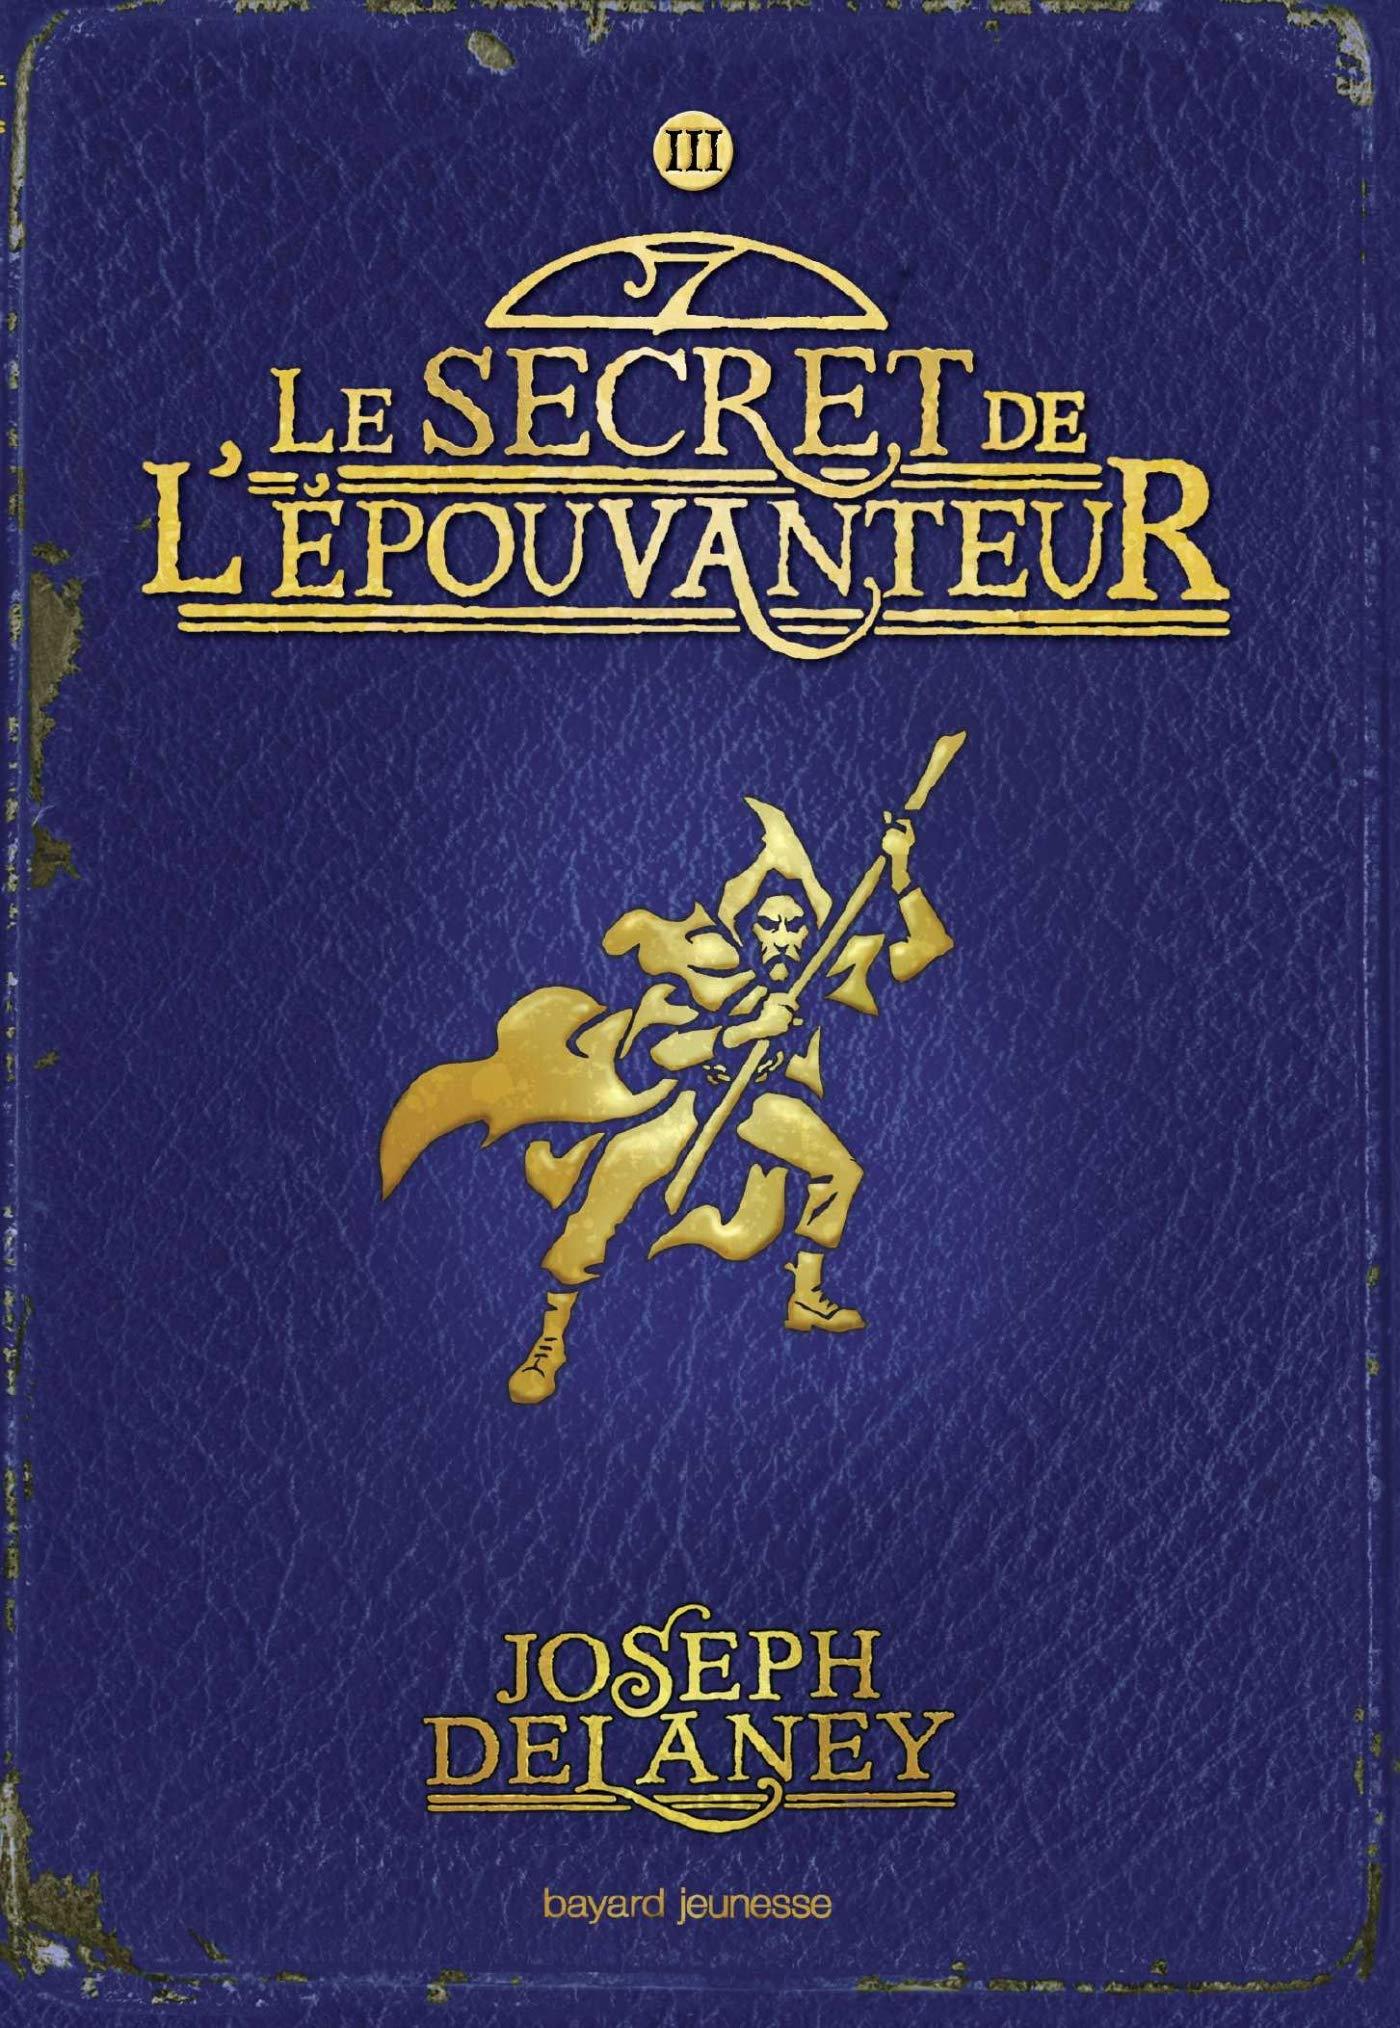 L'Épouvanteur poche, Tome 03: Le secret de l'épouvanteur por Joseph Delaney